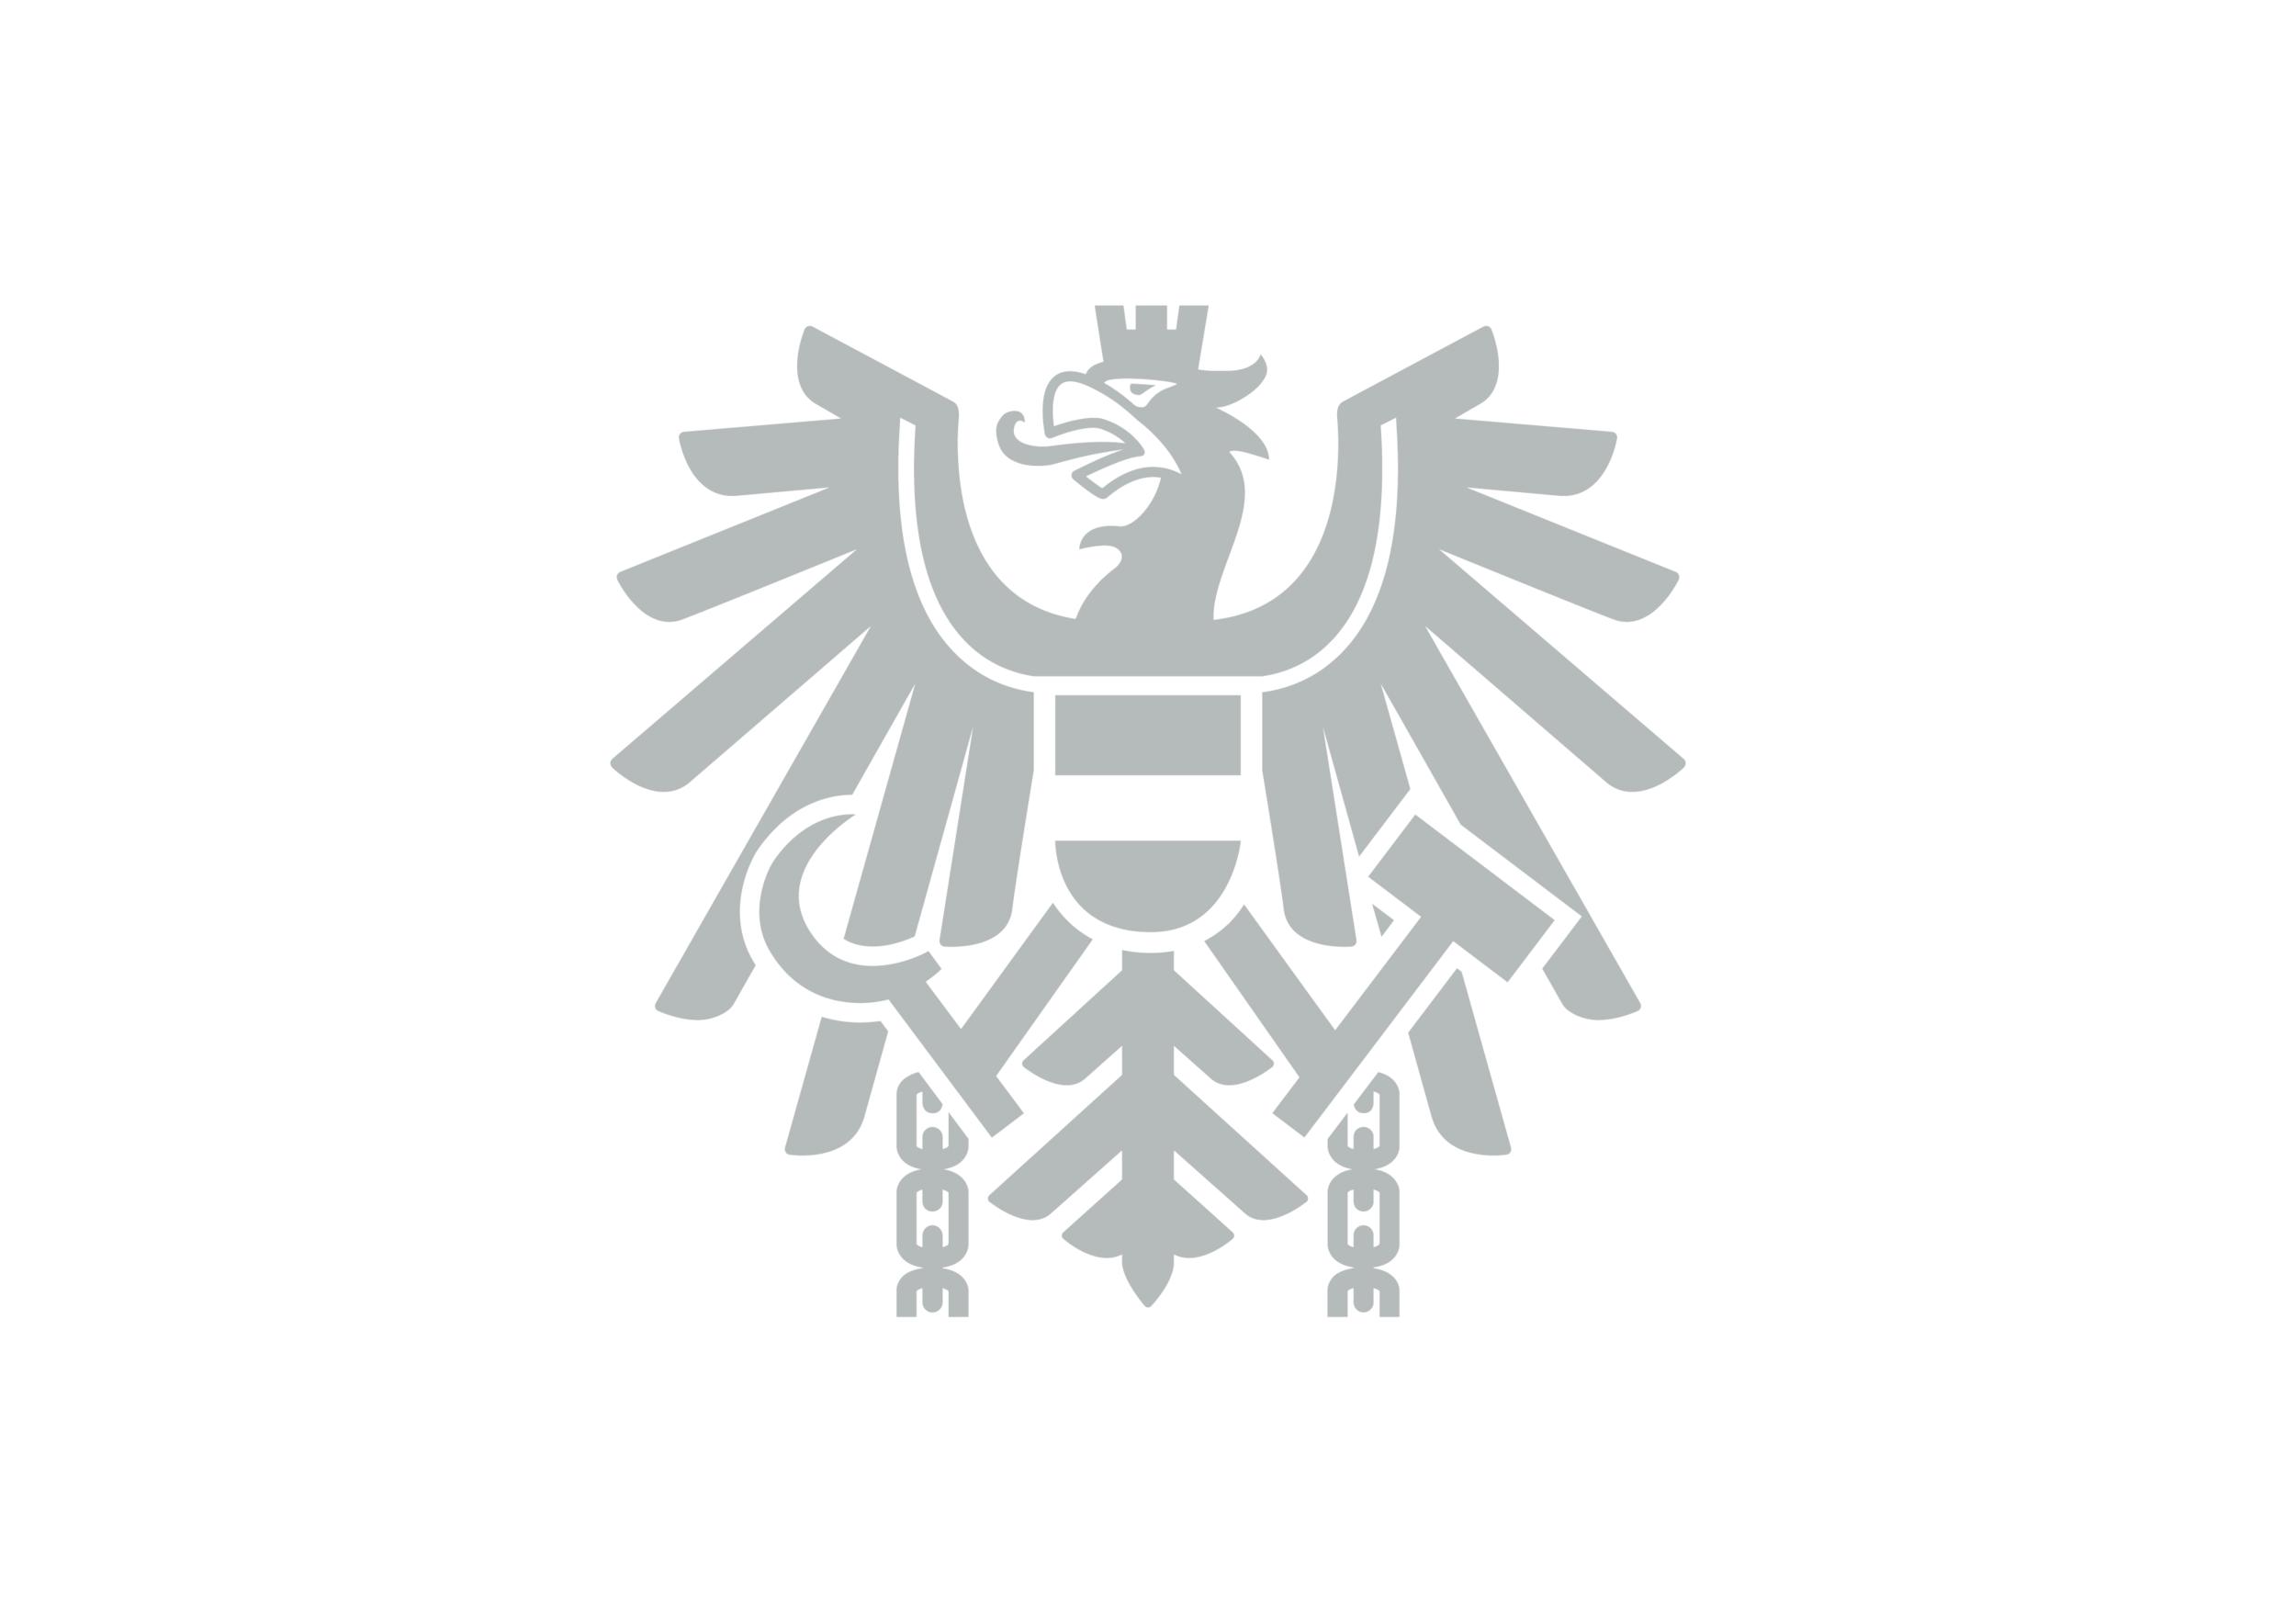 kettnervogl-logo-RH-adler.png